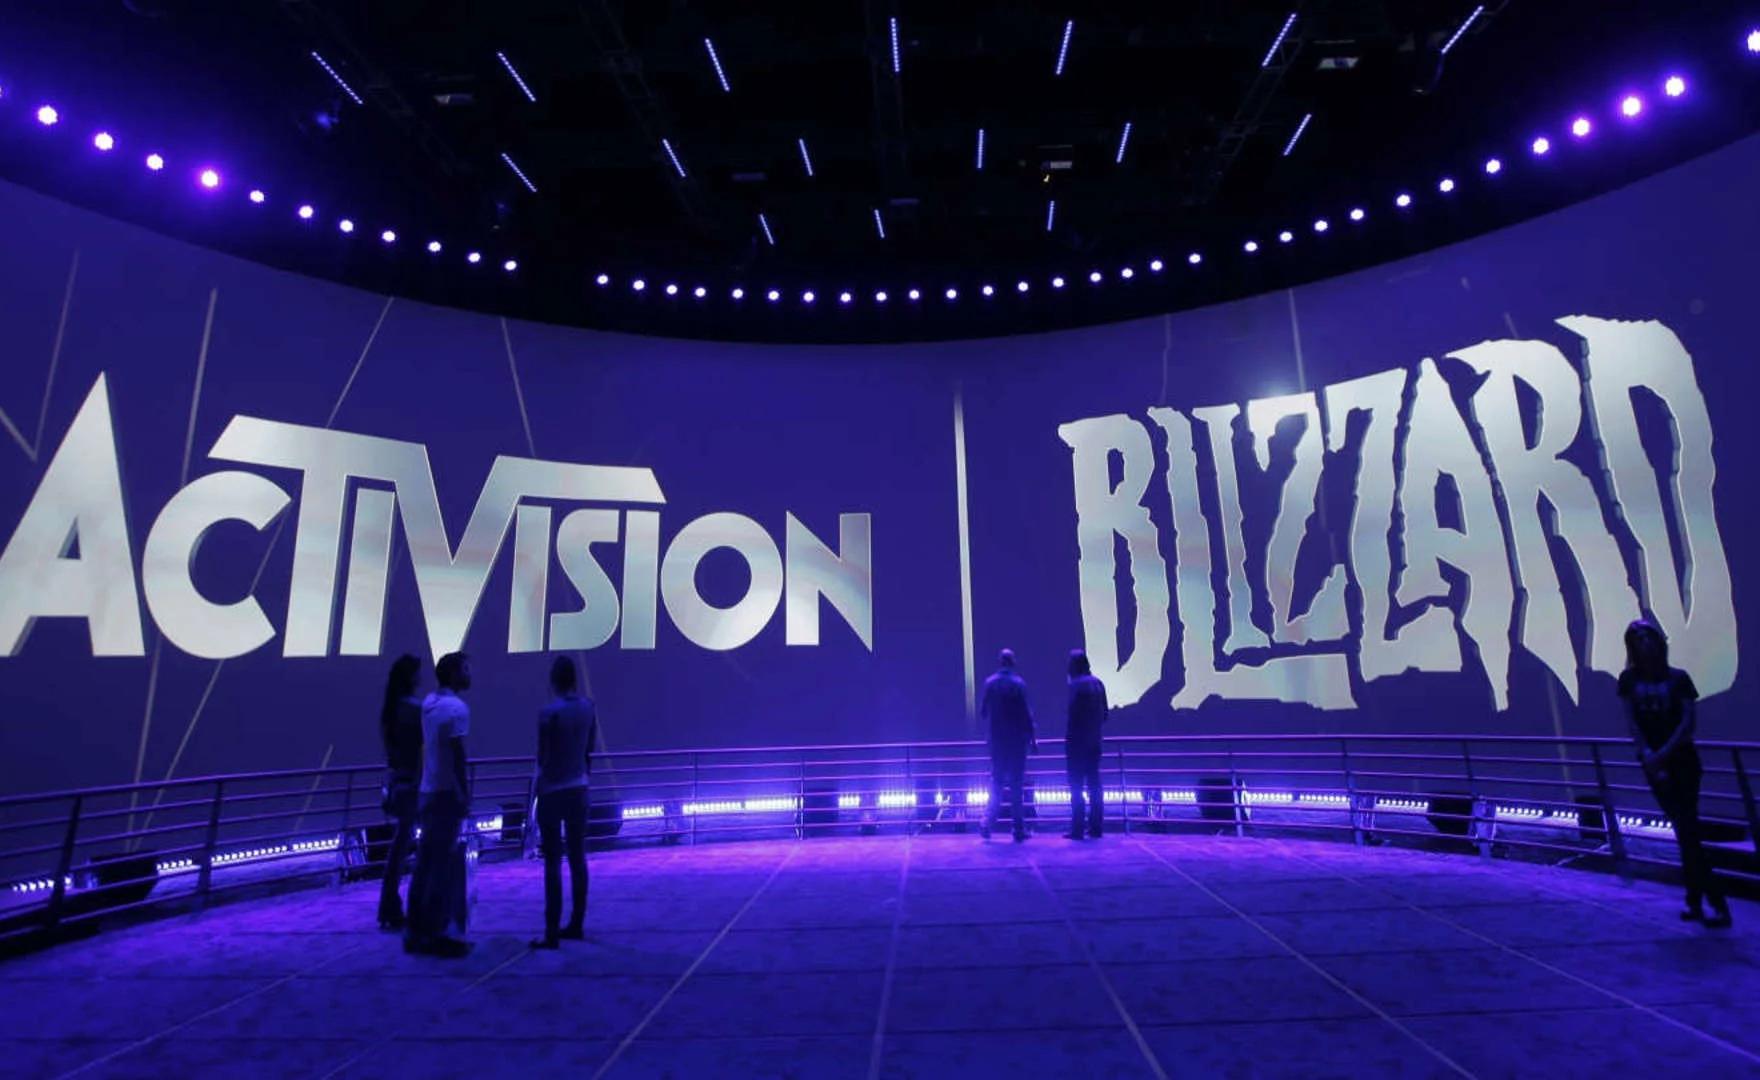 Activision Blizzard: poche domande di lavoro a causa delle polemiche